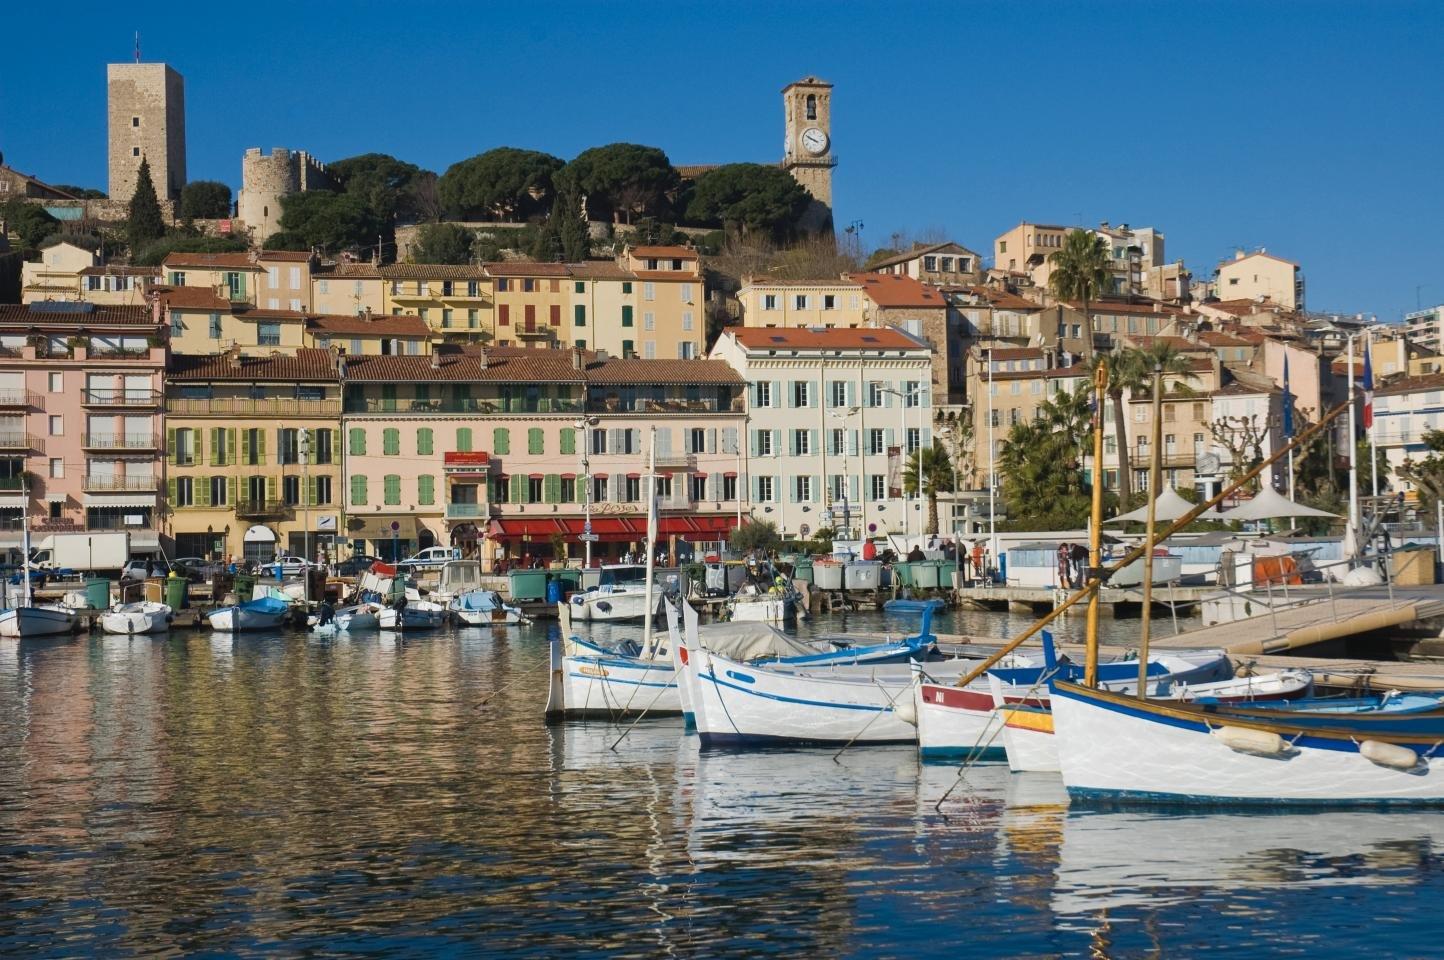 Cote d Azur - Cannes Cote d Azur - Cannes